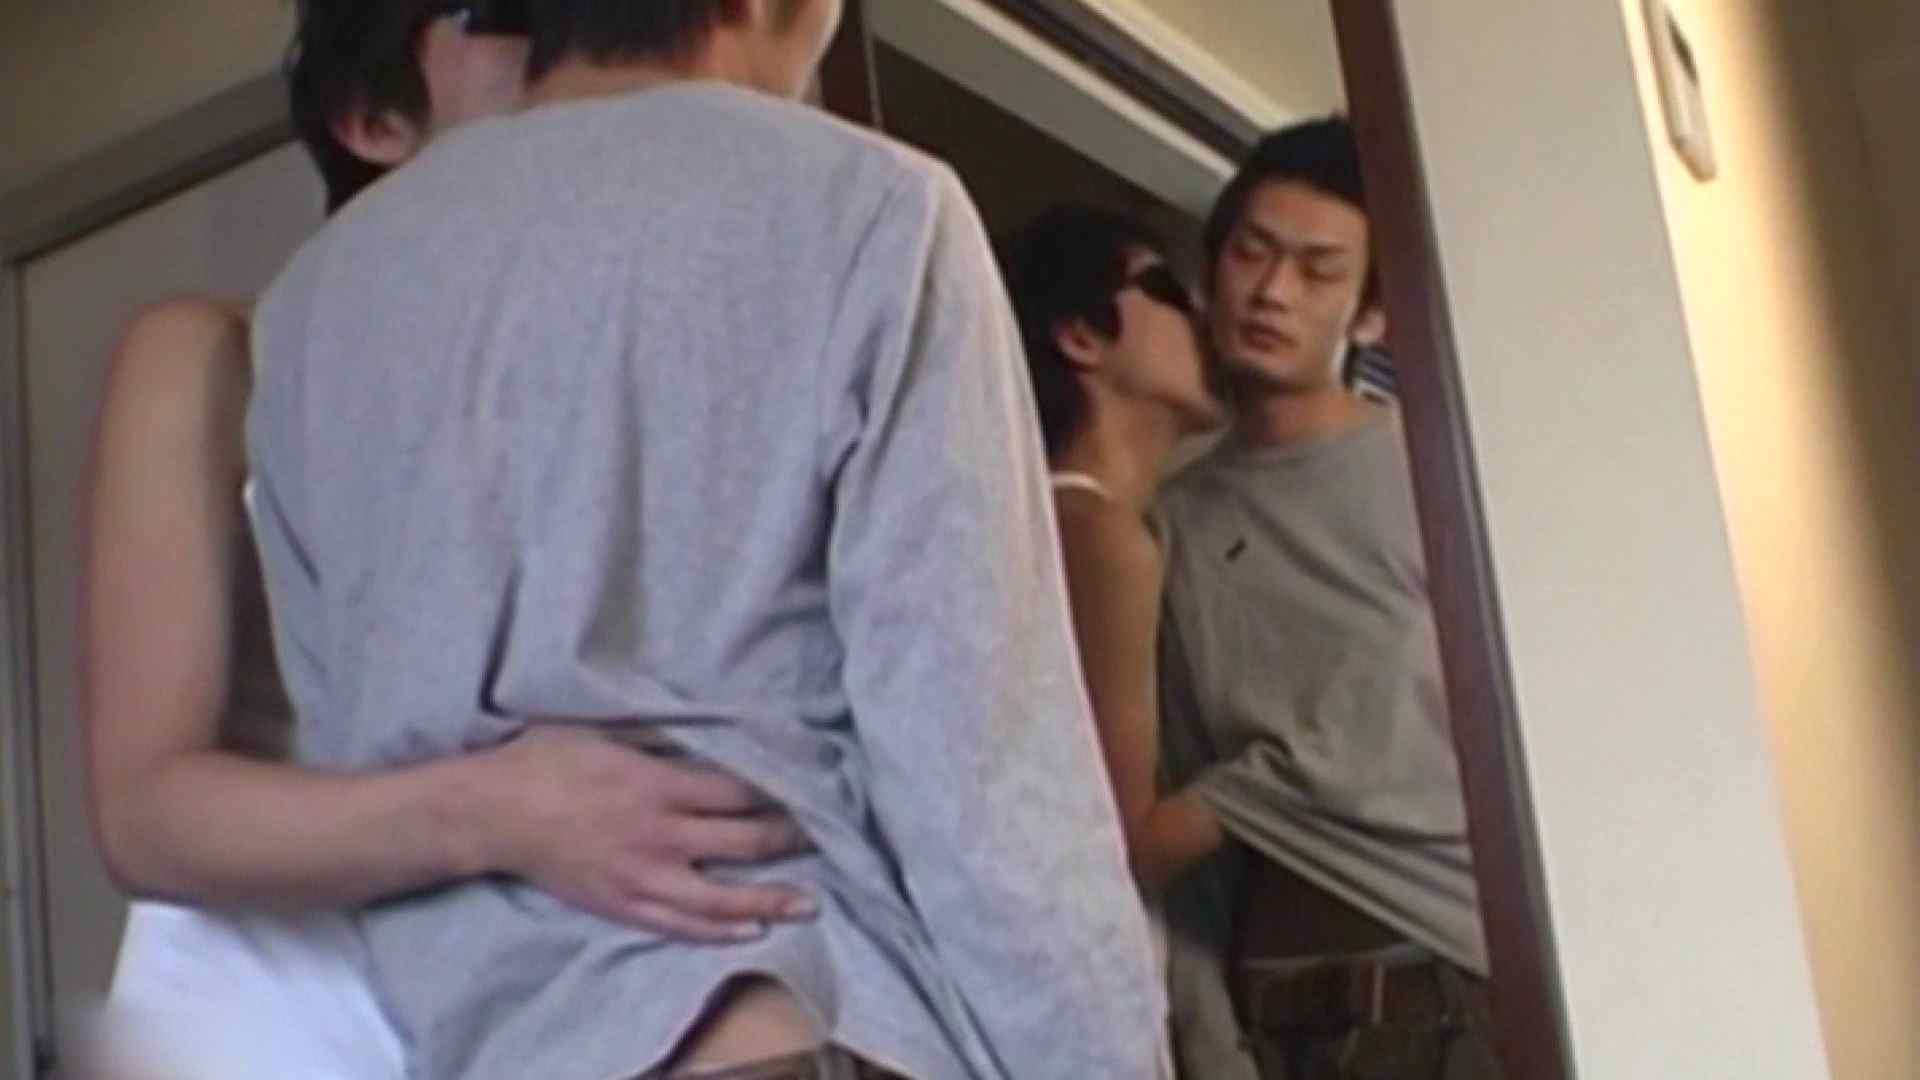 ヤリヤリ野郎共倶楽部vol.20前編 0   男・男・男  102枚 1